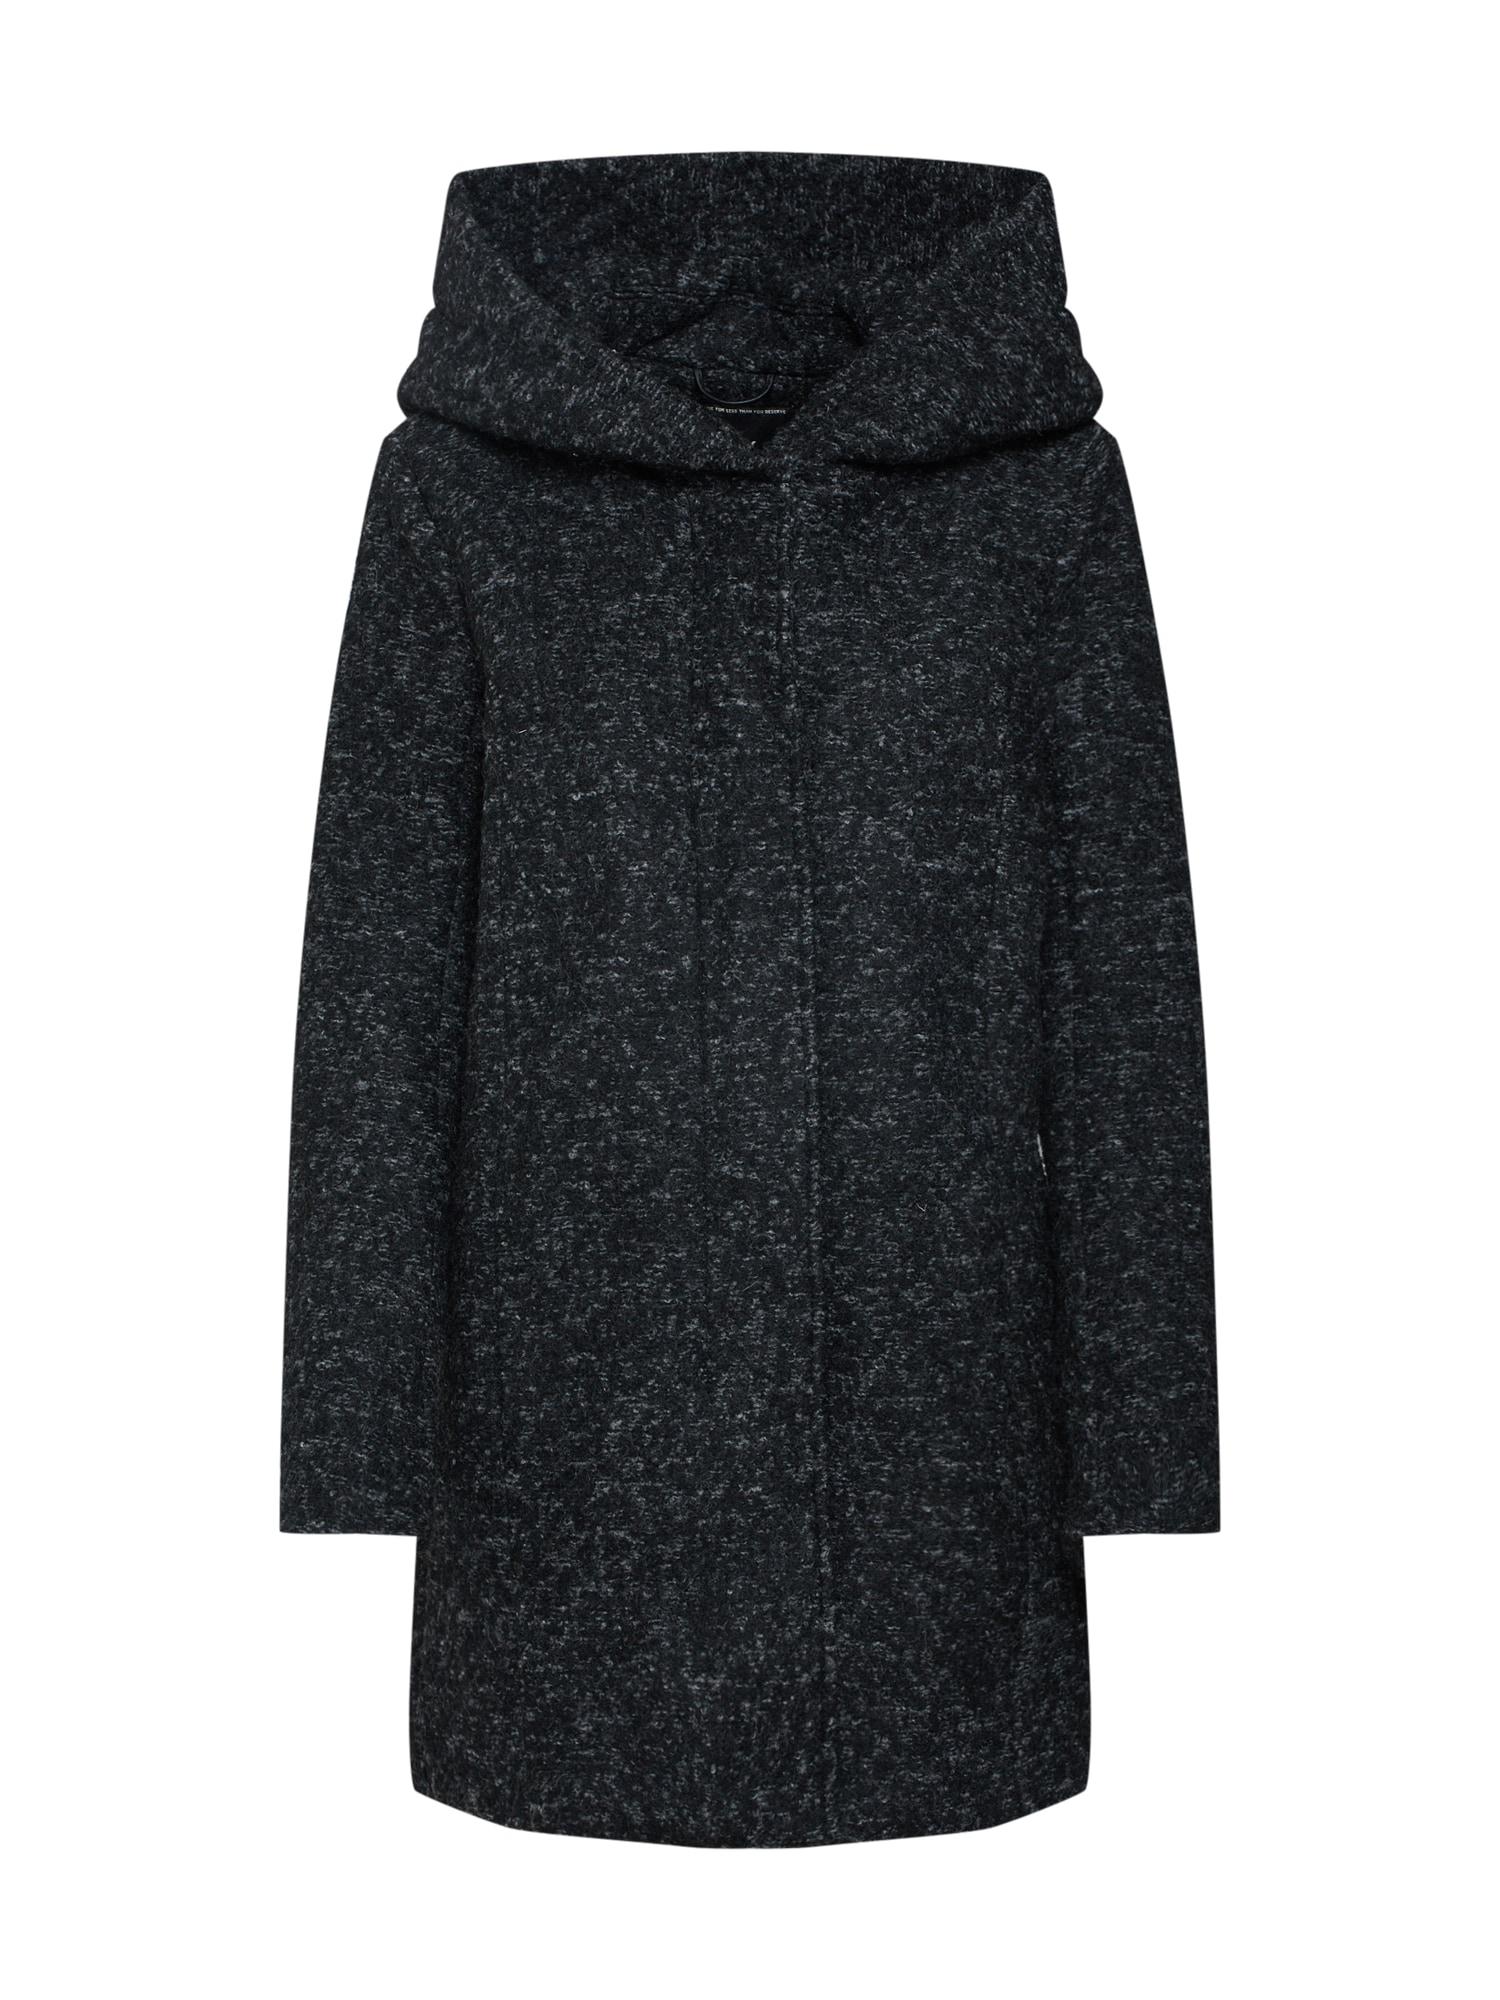 ONLY Rudeninis-žieminis paltas margai juoda